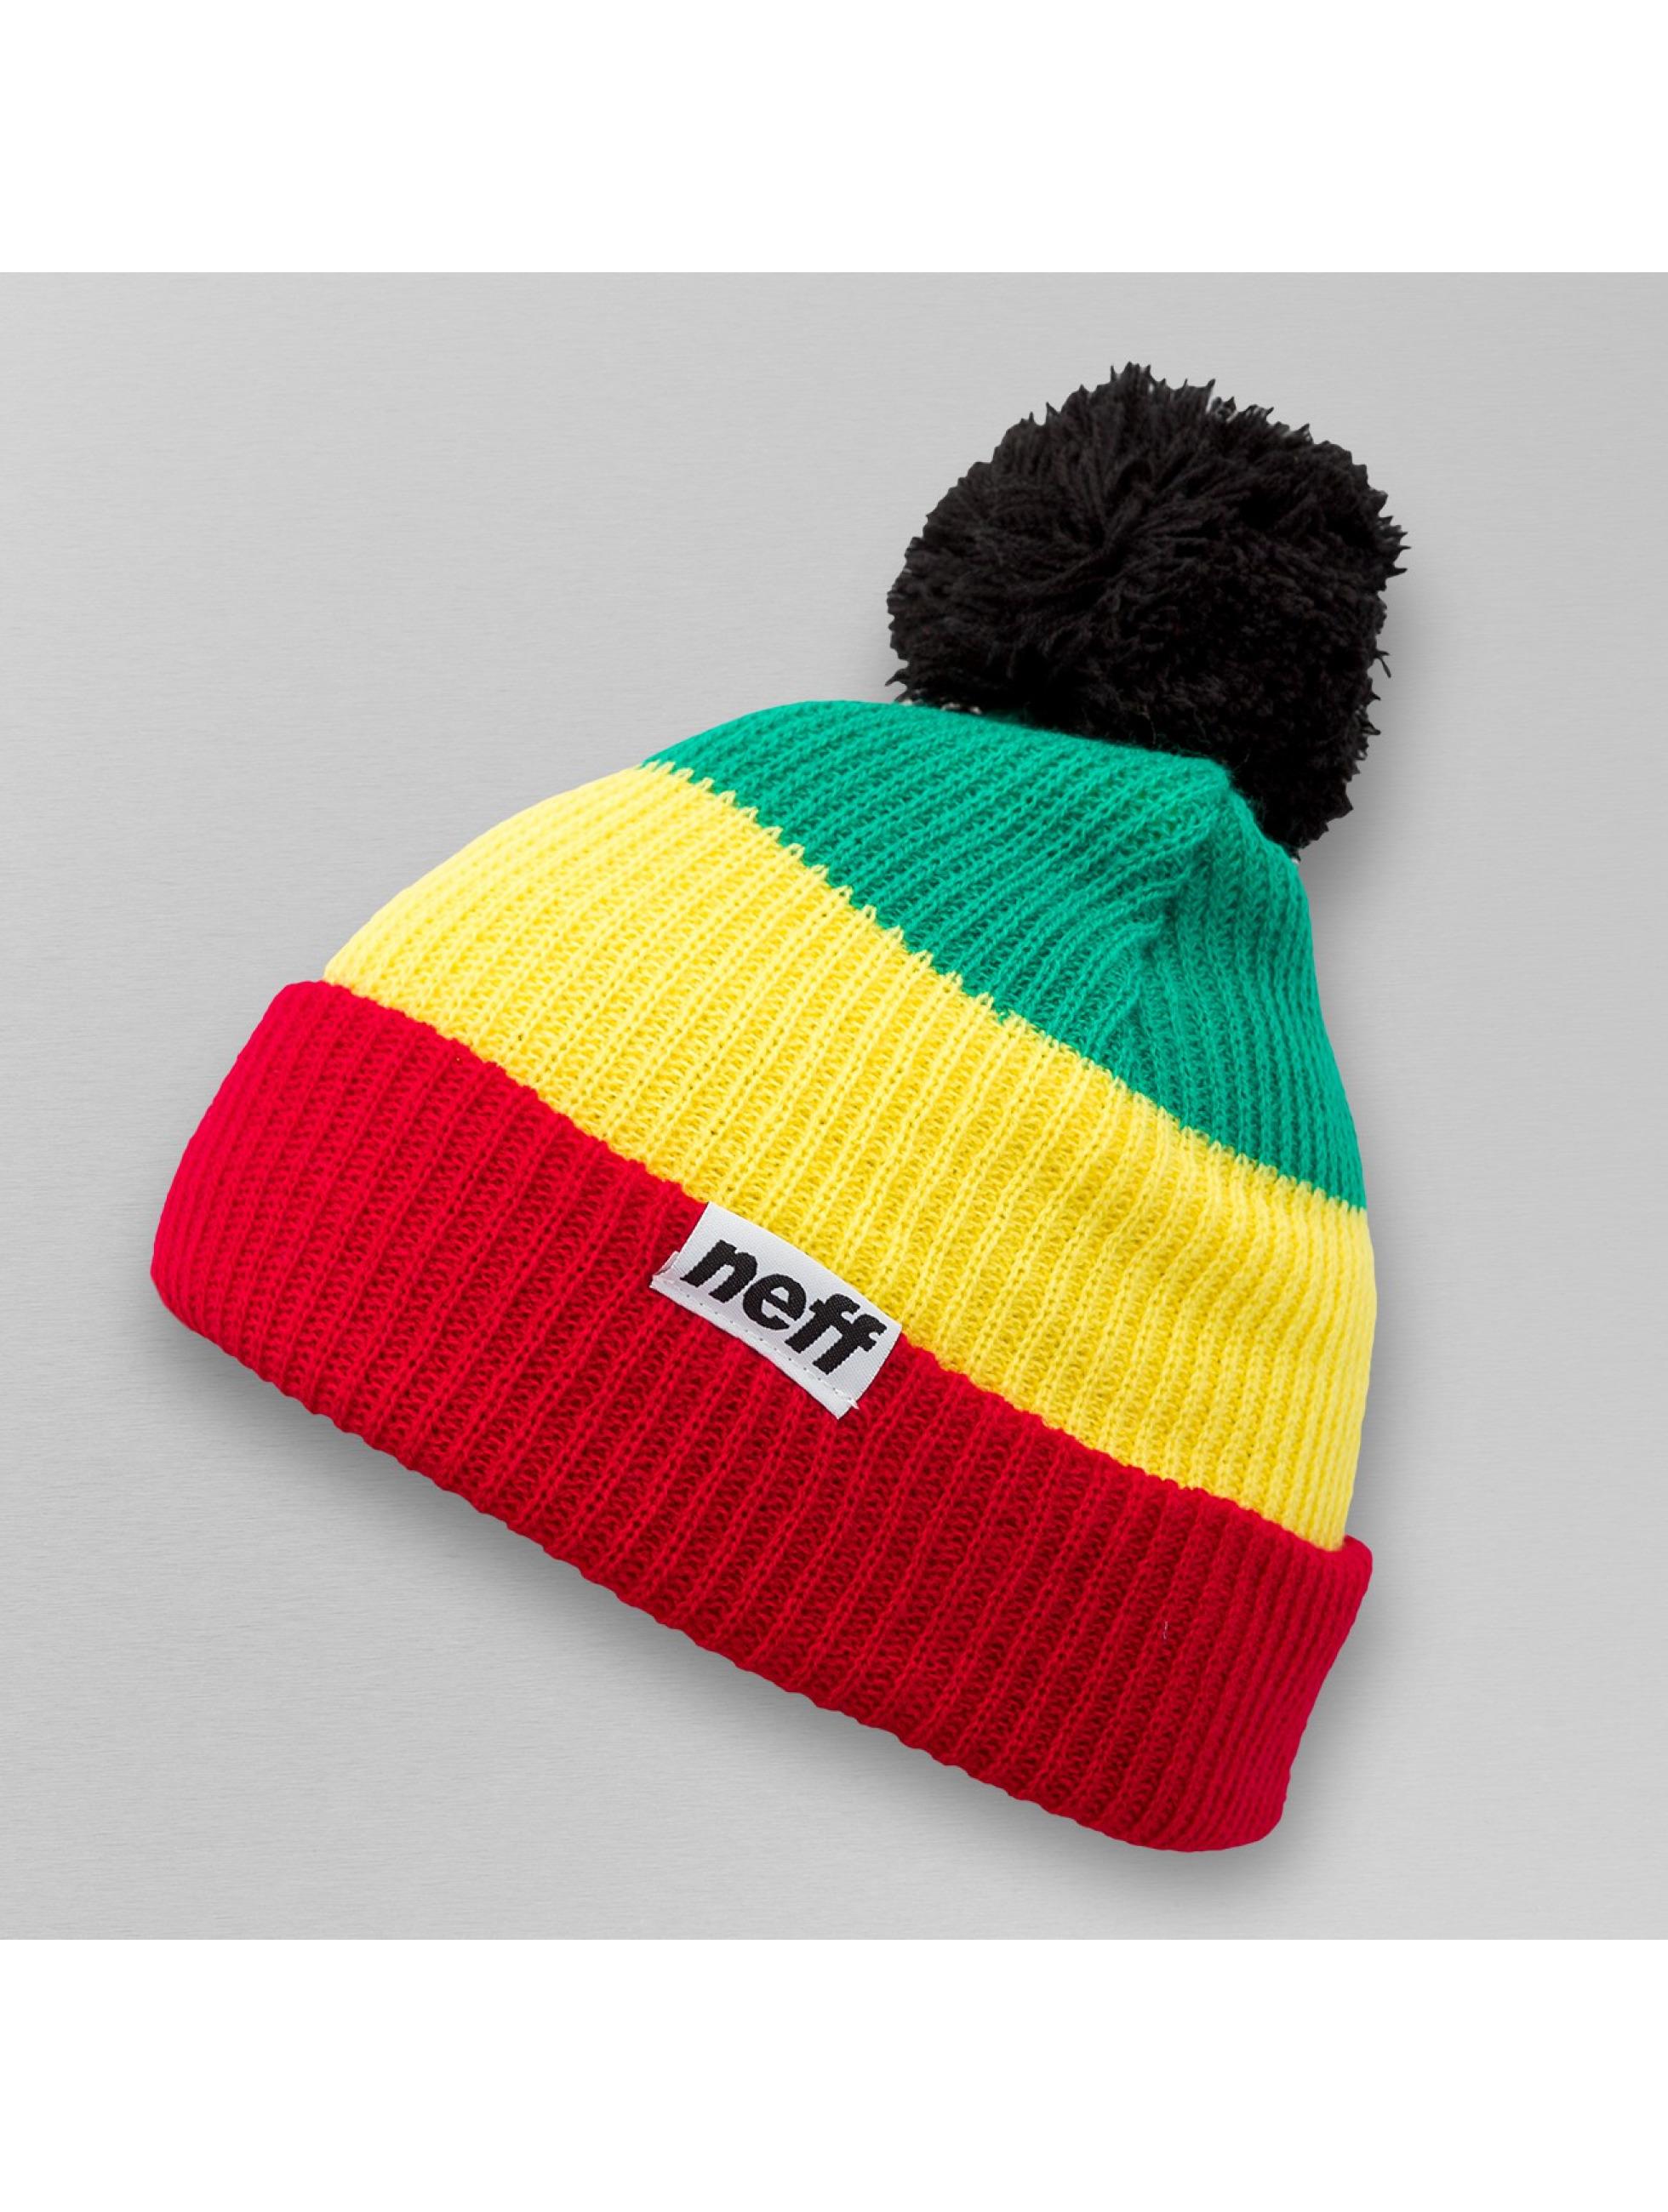 bonnets de laine snappy en multicolore 153721. Black Bedroom Furniture Sets. Home Design Ideas